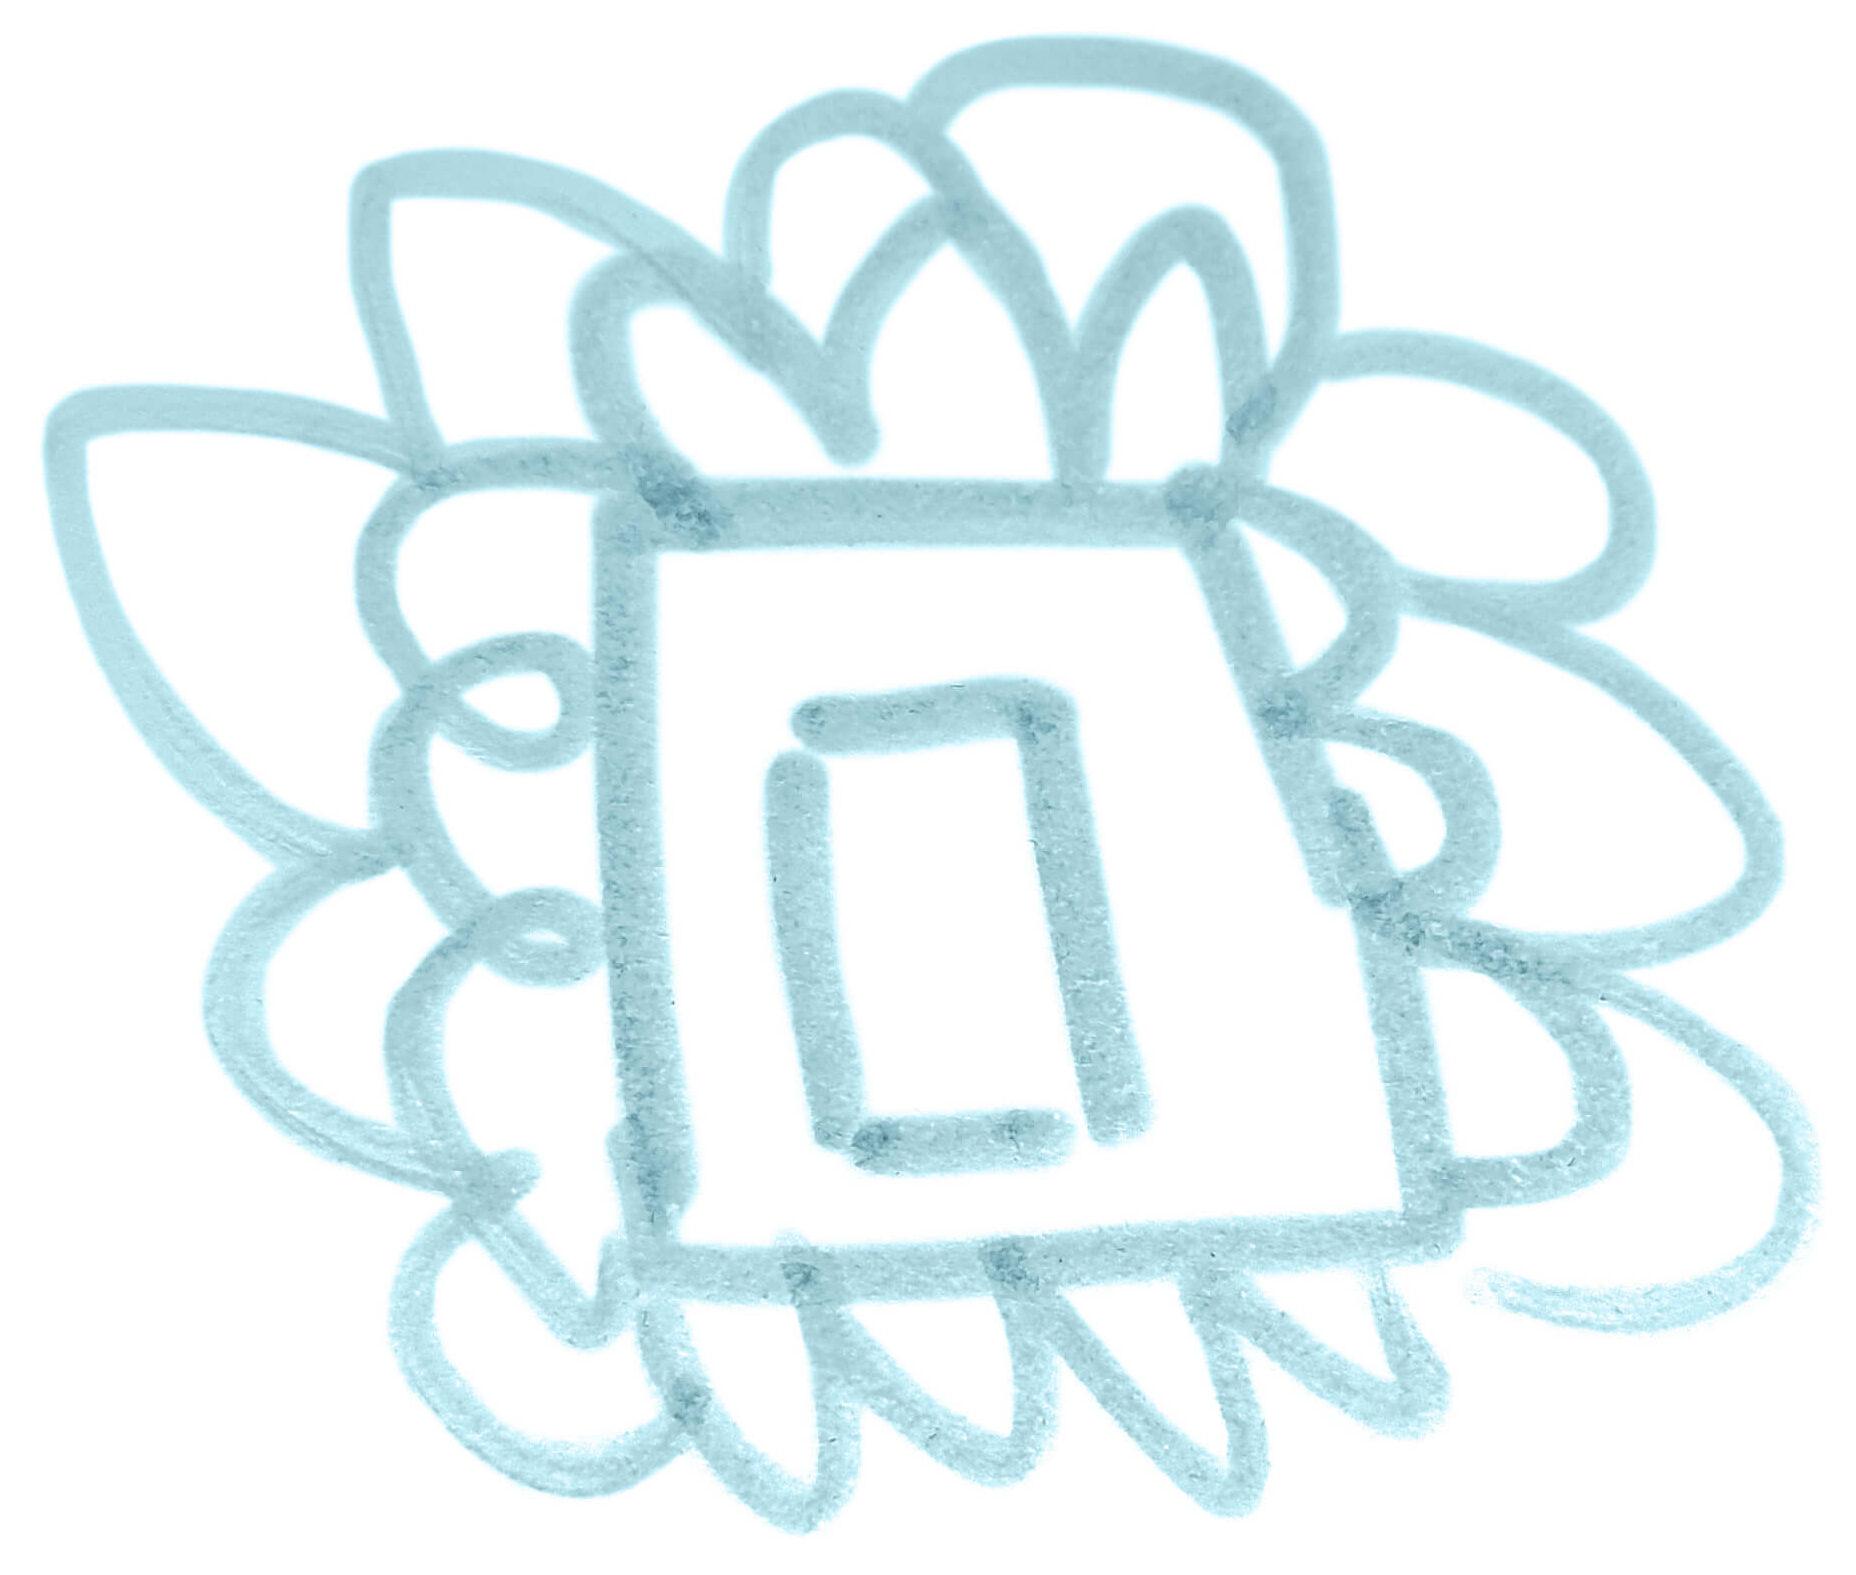 ESPLANADE Ur-Logo Zeichnung. Die Datei ist ein Foto im JPEG-Format.